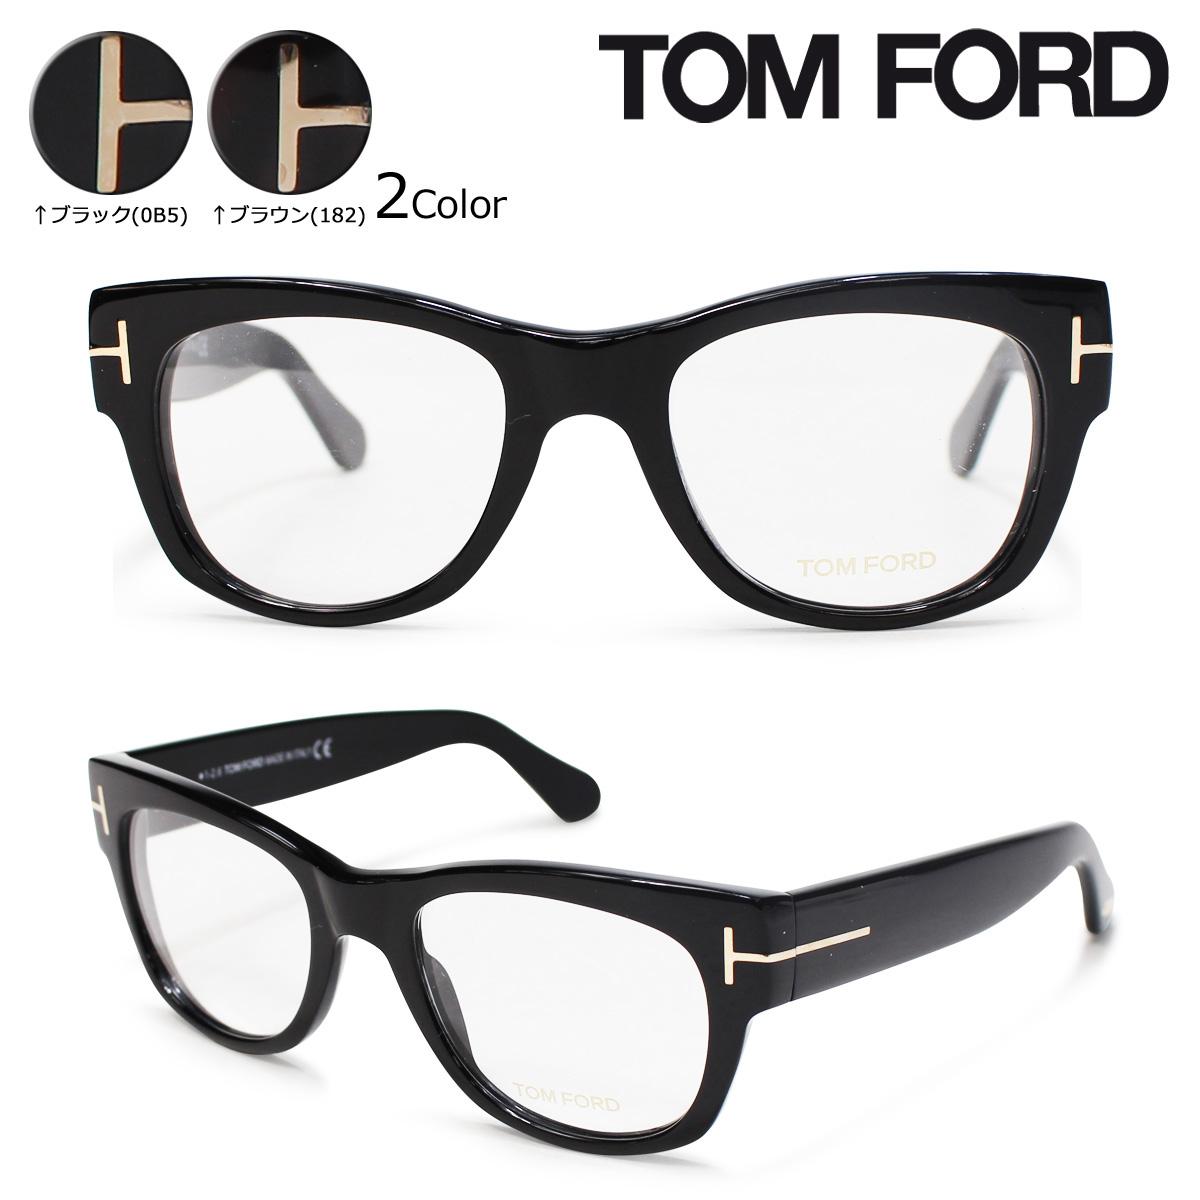 【最大1000円OFFクーポン配布】 TOM FORD トムフォード メガネ 眼鏡 メンズ レディース アイウェア FT5040 ウェリントン イタリア製